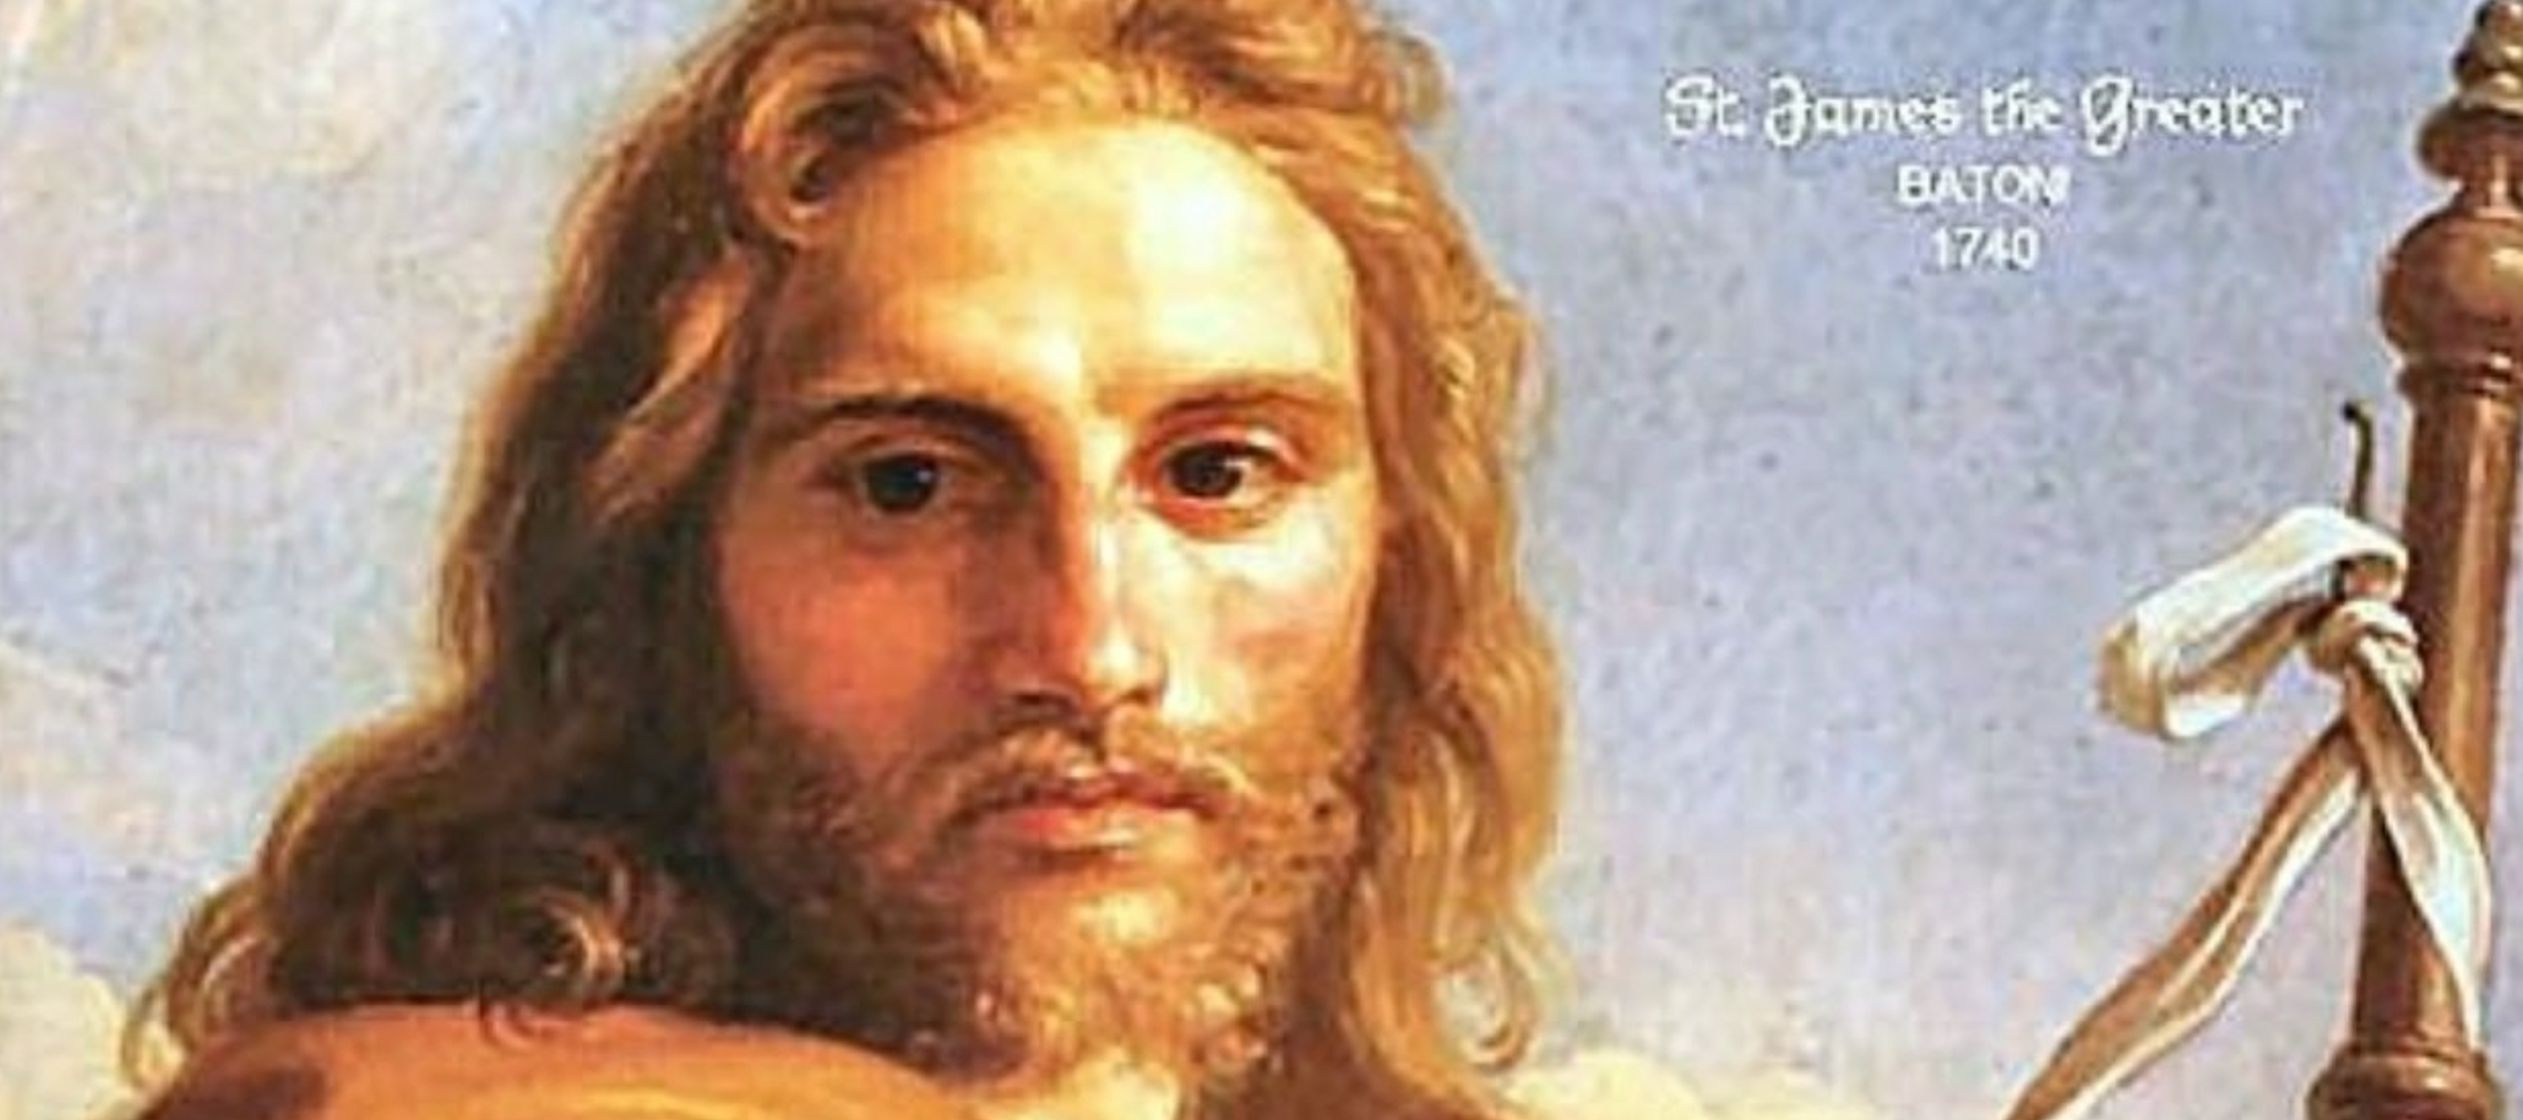 Al hombre de hoy de siempre la Cruz se le presenta como una realidad que inspira temor y rechazo.